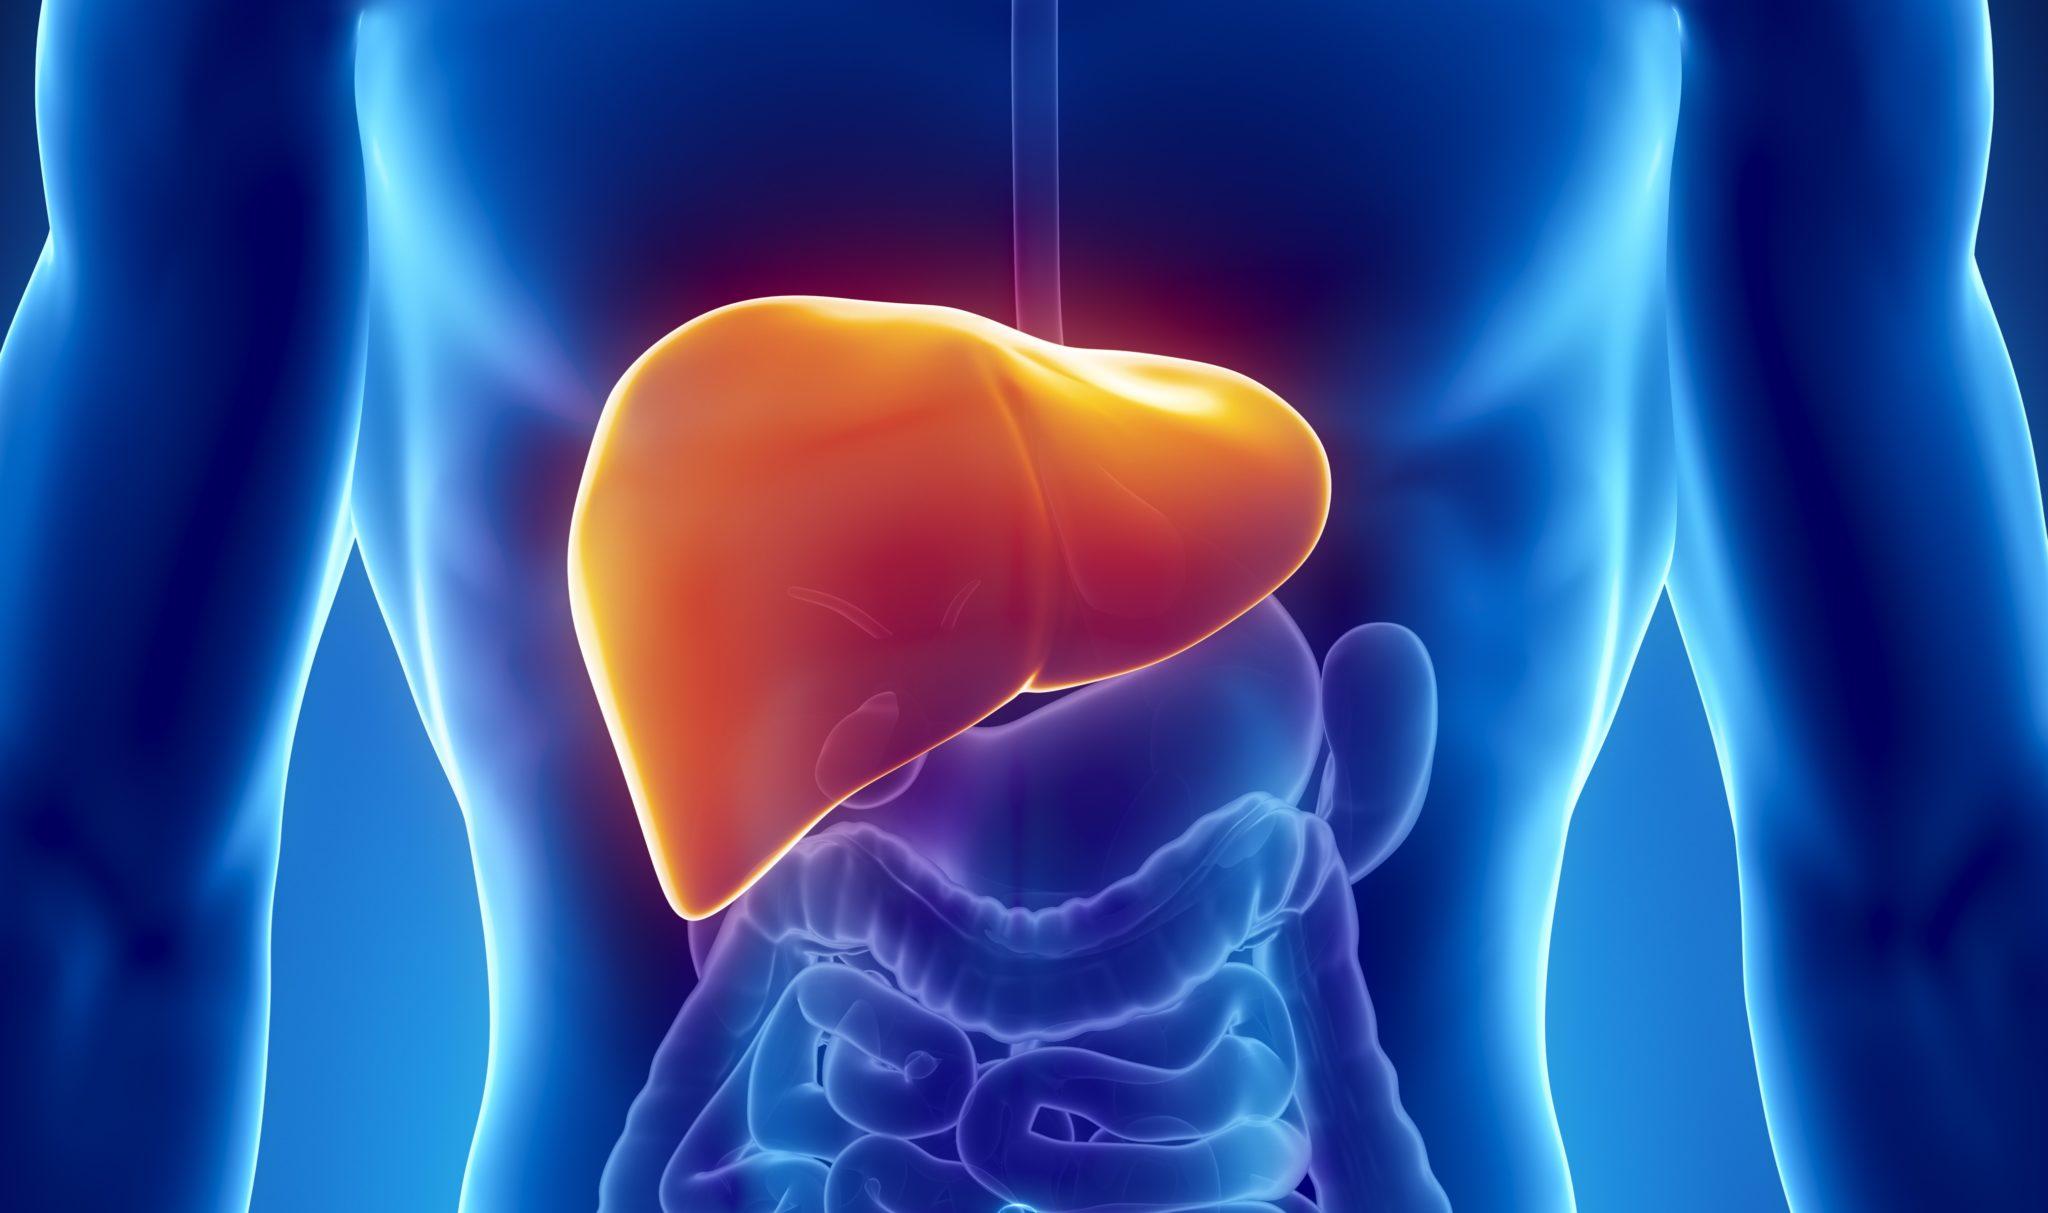 Воспаление печени: симптомы, причины, диагностика и лечение